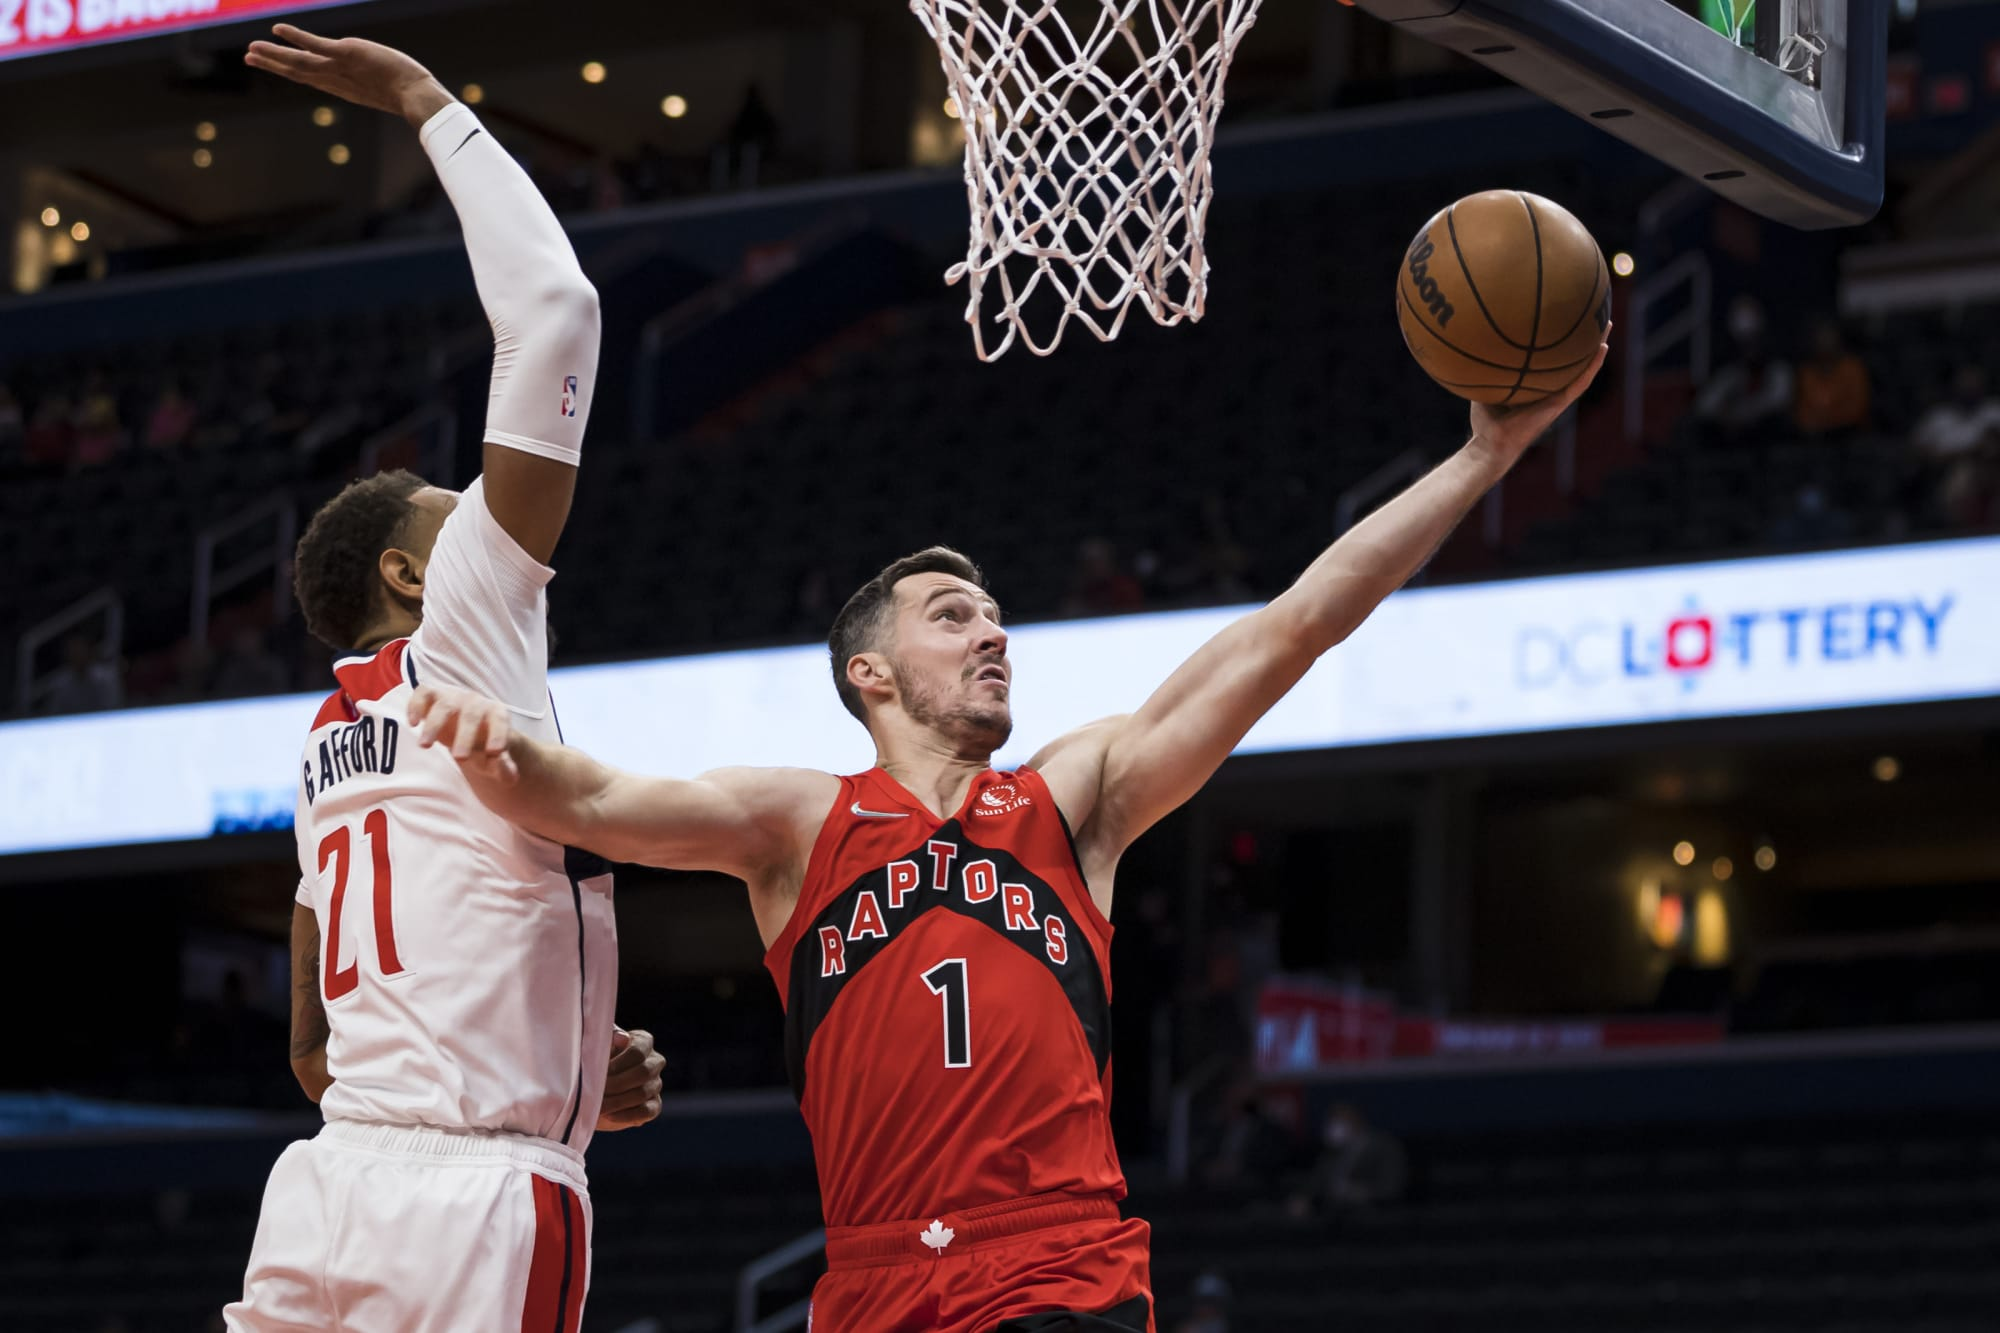 Raptors: Goran Dragic's struggles could hurt his trade value